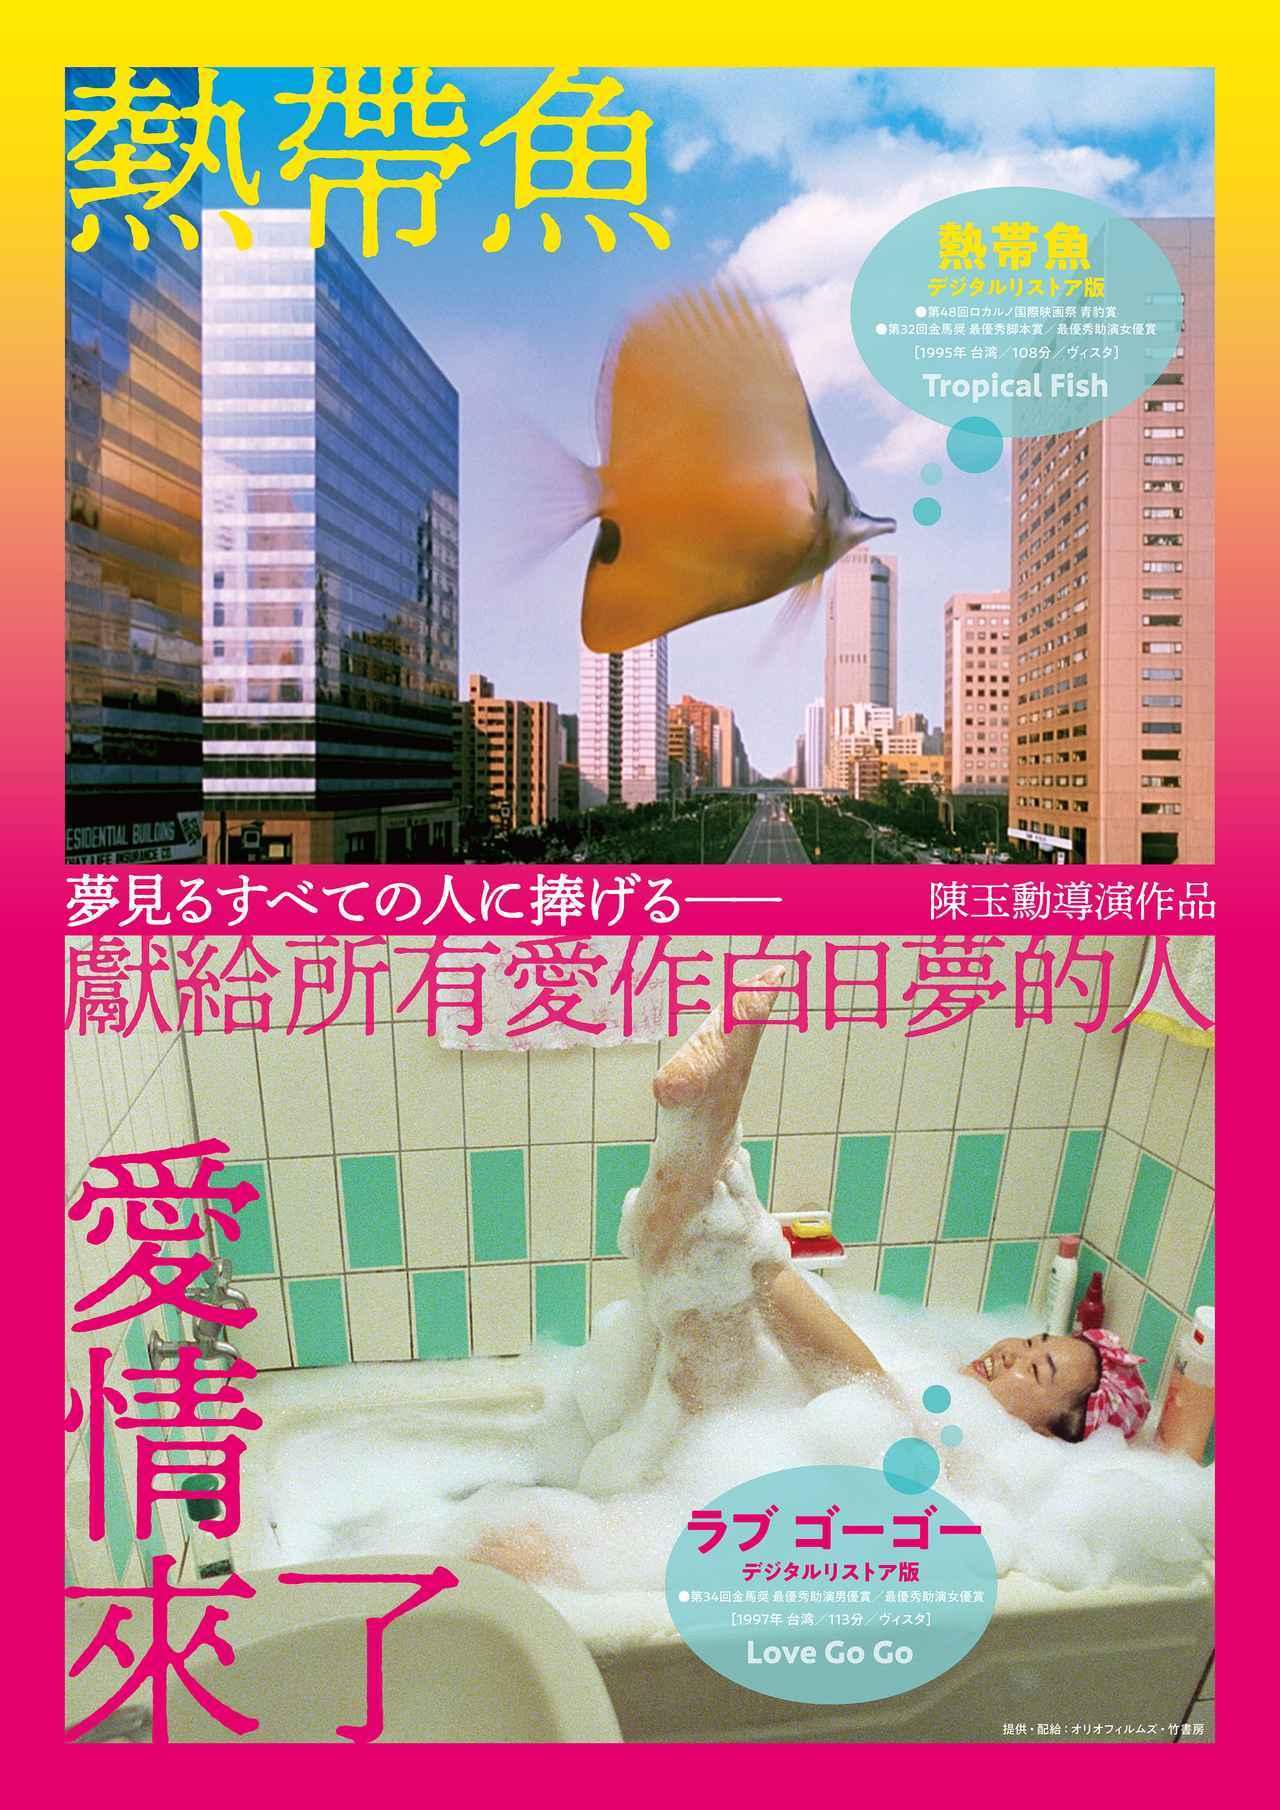 画像: 予告!90 年代の台湾映画の最重要作品-チェン・ユーシュン監督 の幻の名作 『熱帯魚』&『ラブ ゴーゴー 』デジタルリストア版公開!